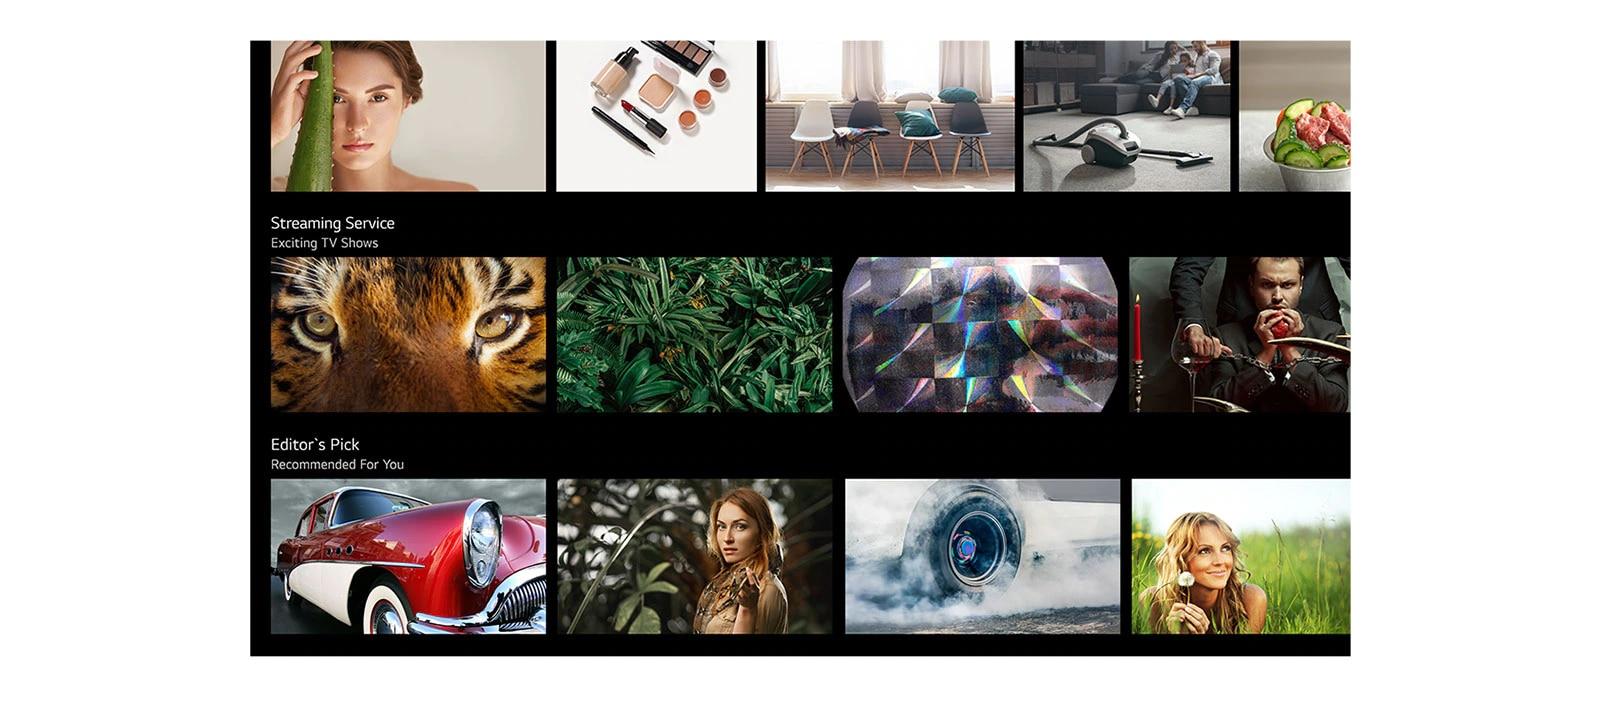 Una pantalla de televisor que muestra varios contenidos presentados y recomendados por LG ThinQ AI